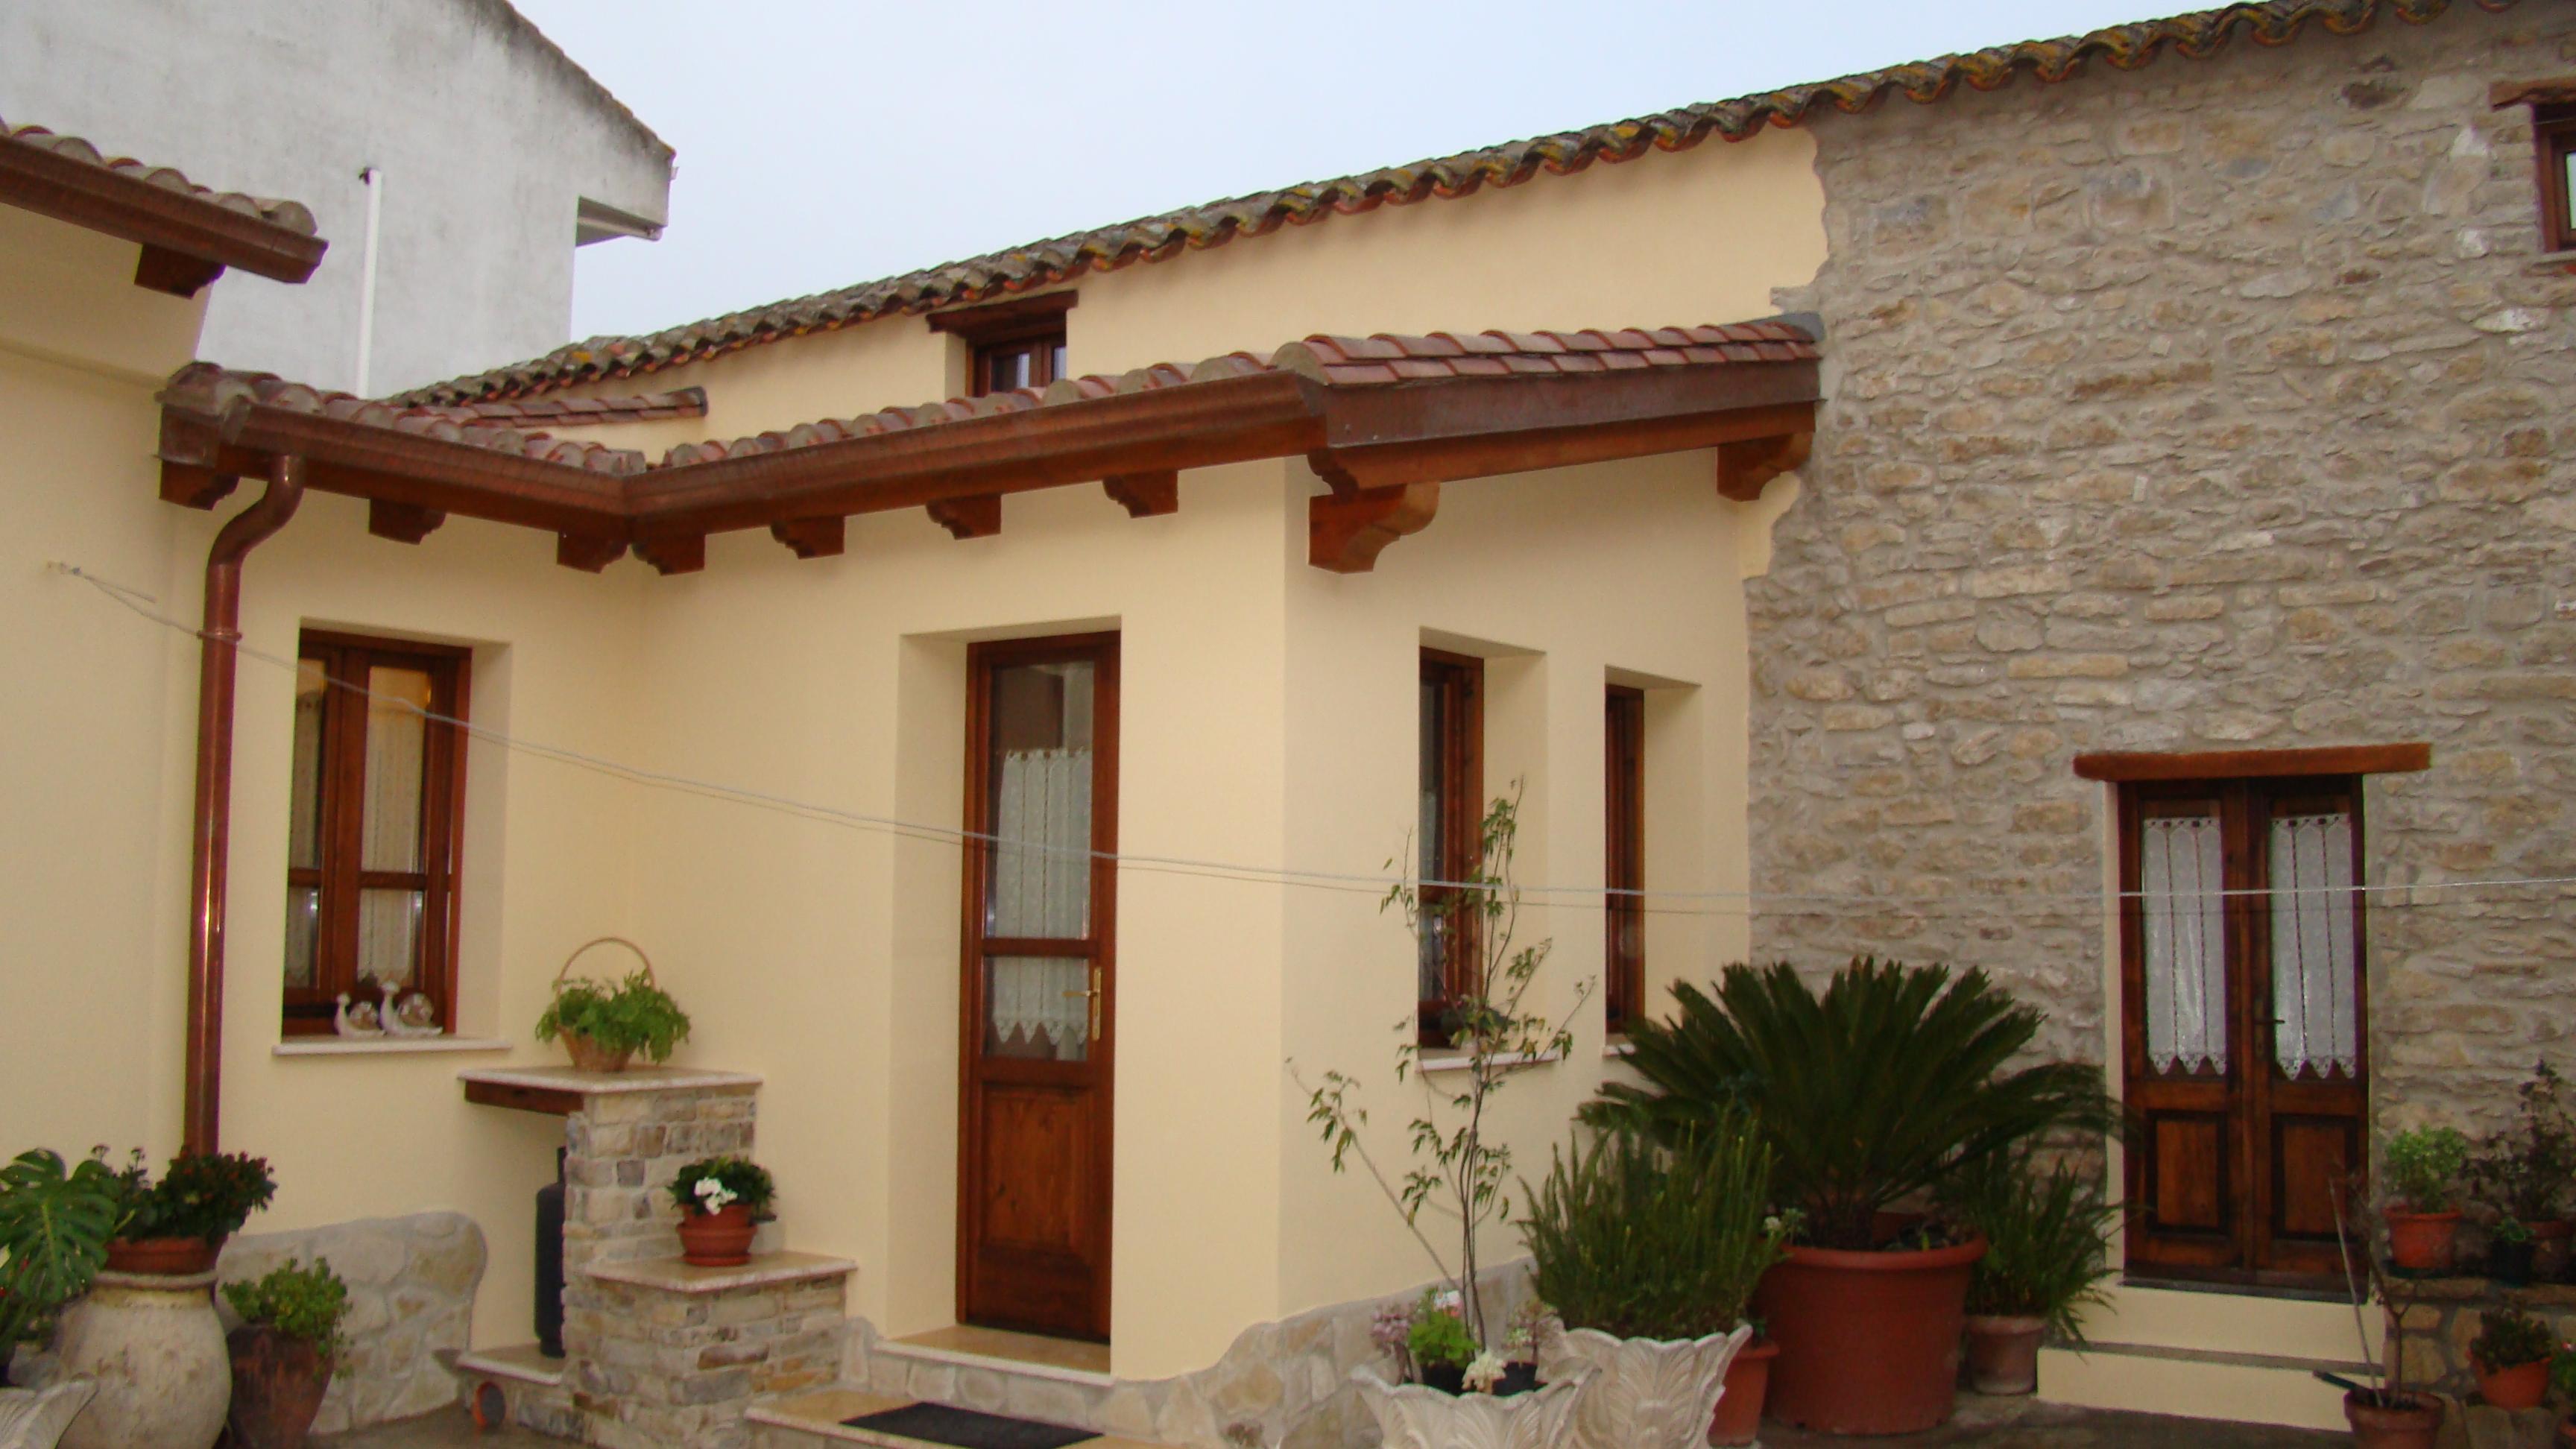 Casa unifamiliare baressa or tre emme service - Ristrutturazione interna casa ...